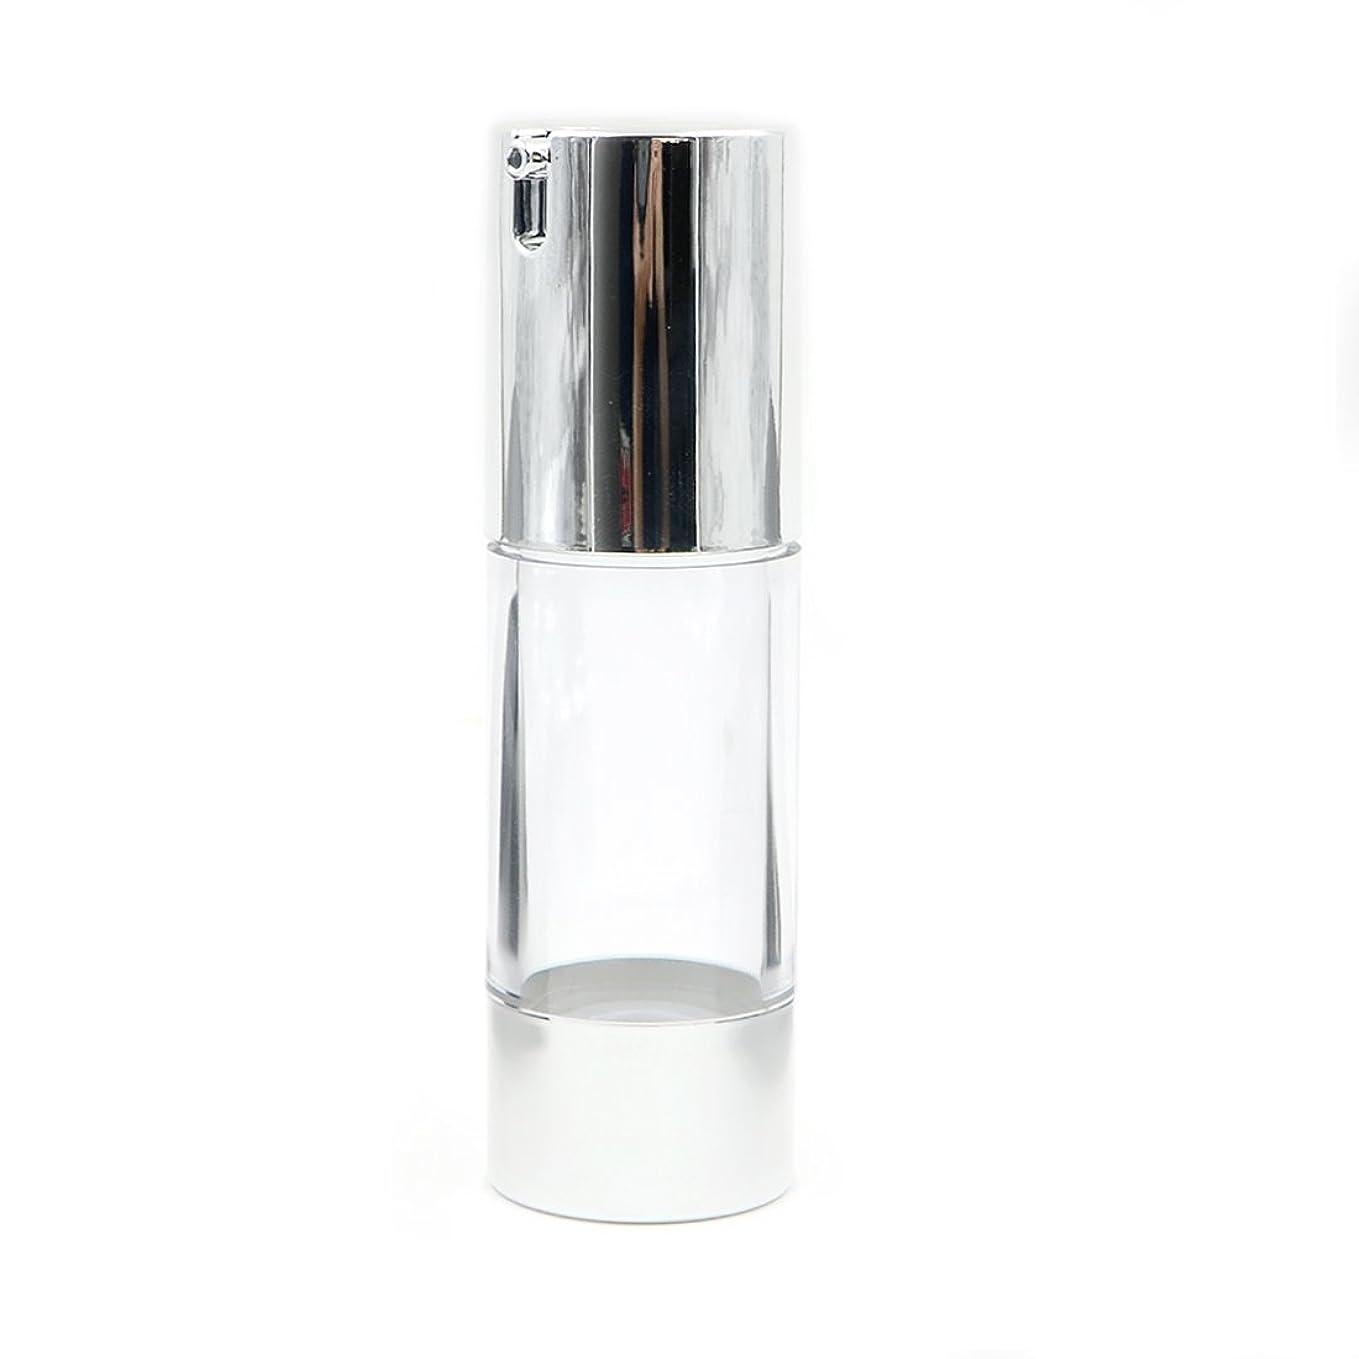 嘆く歯科のディスカウントAngelakerry エアレス 容器 ホワイト 30ml 手作りコスメ 手作り化粧品 詰め替え容器 20本セット [並行輸入品]